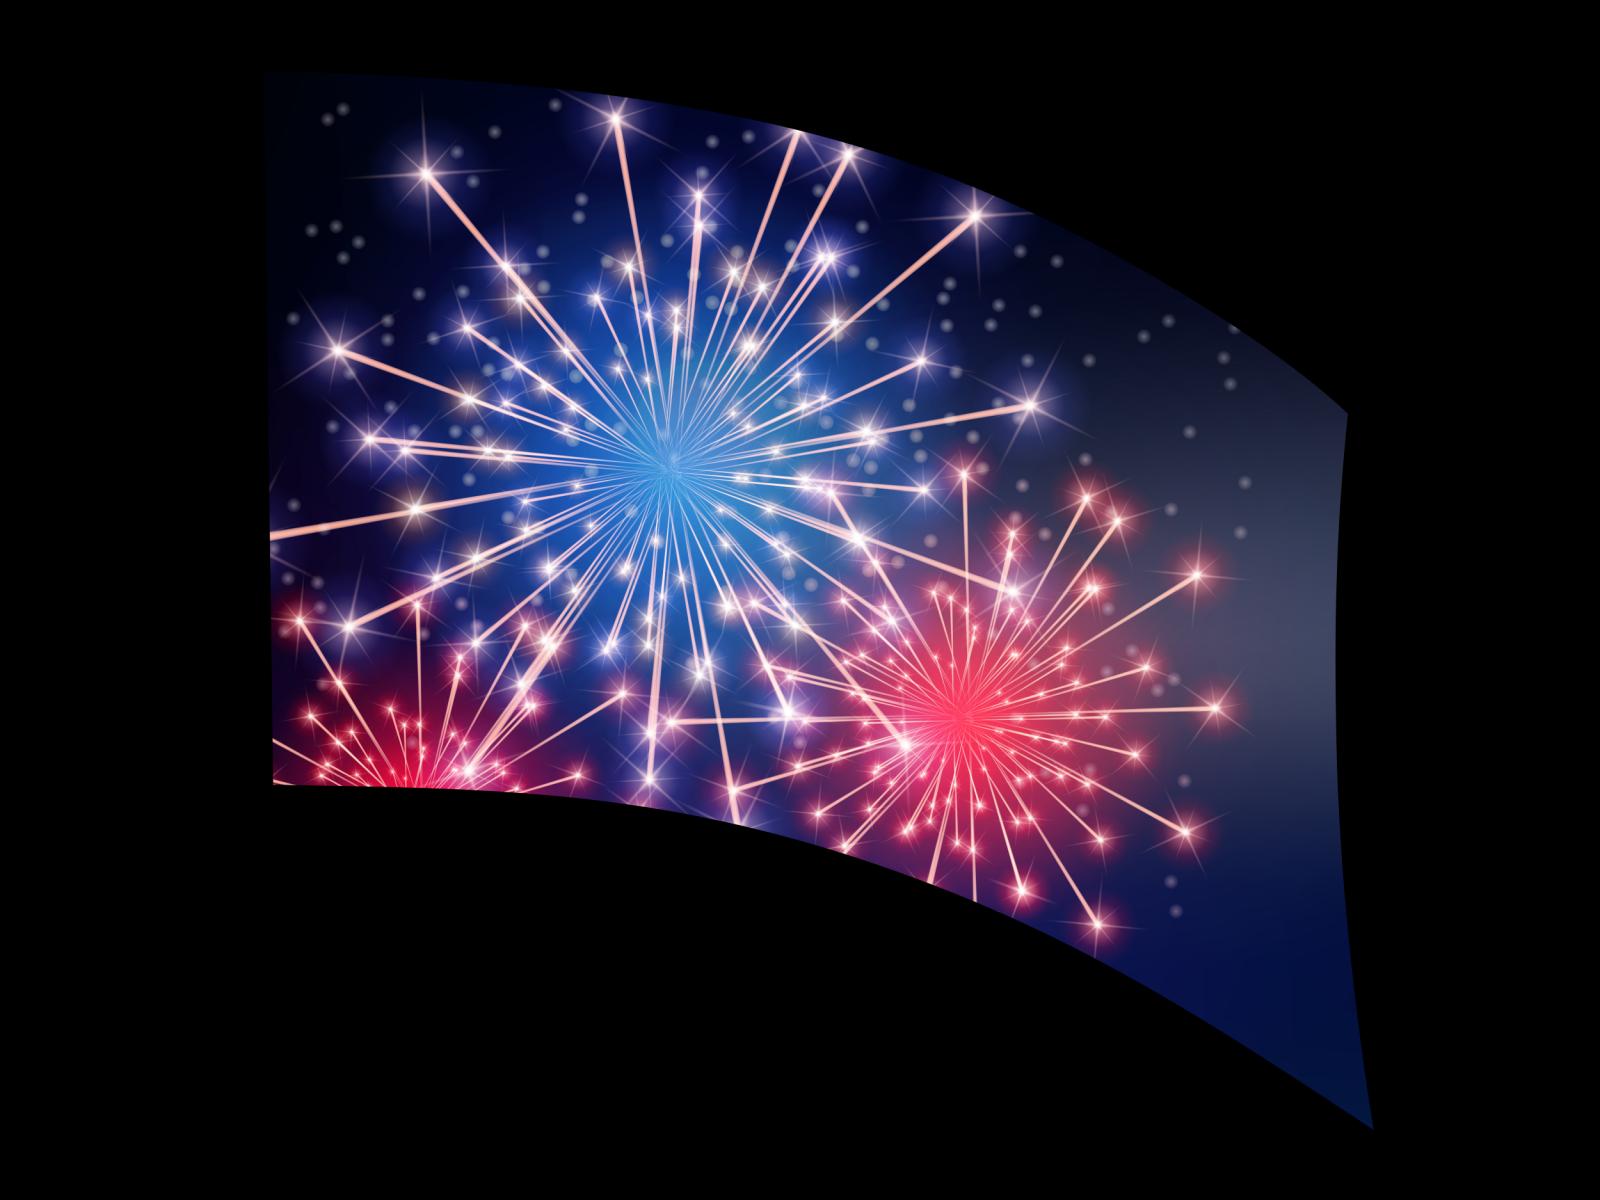 060216s - 36x52 Standard RWB Fireworks